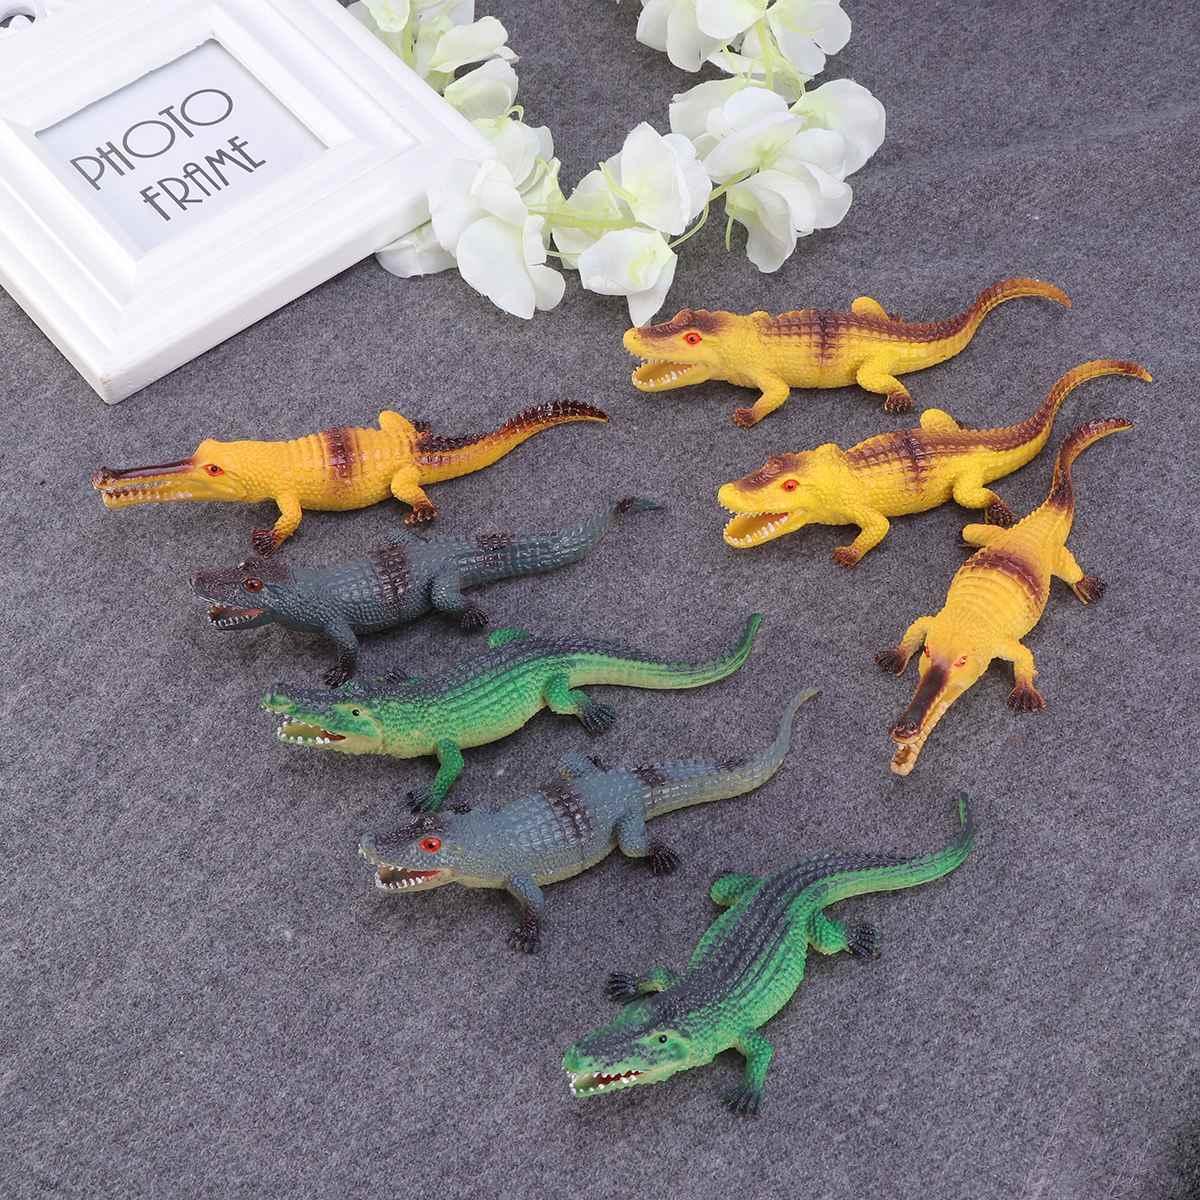 8Pc Figuras de Animais Realistas Figura do Jacaré Cognitivo na Primeira Infância Educação Brinquedos Animal para Crianças Meninas Meninos Crianças